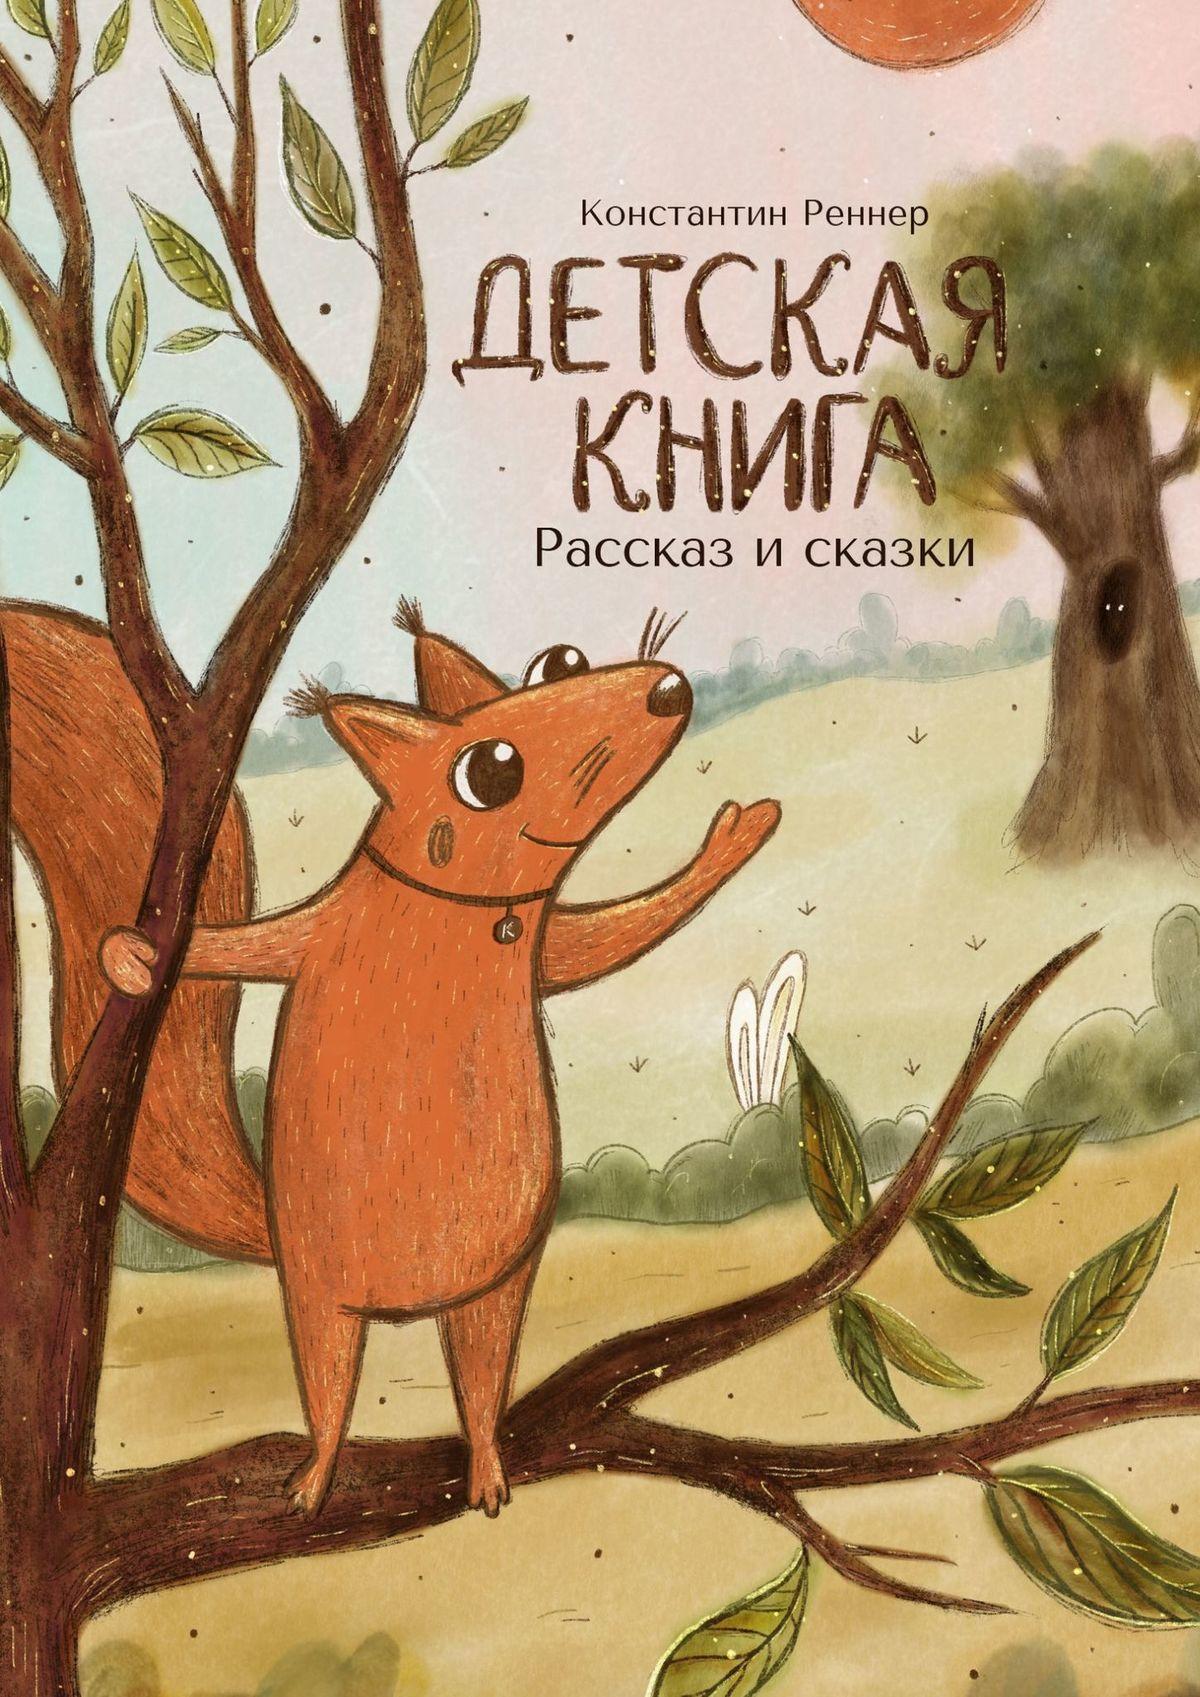 Детская книга. Рассказ исказки